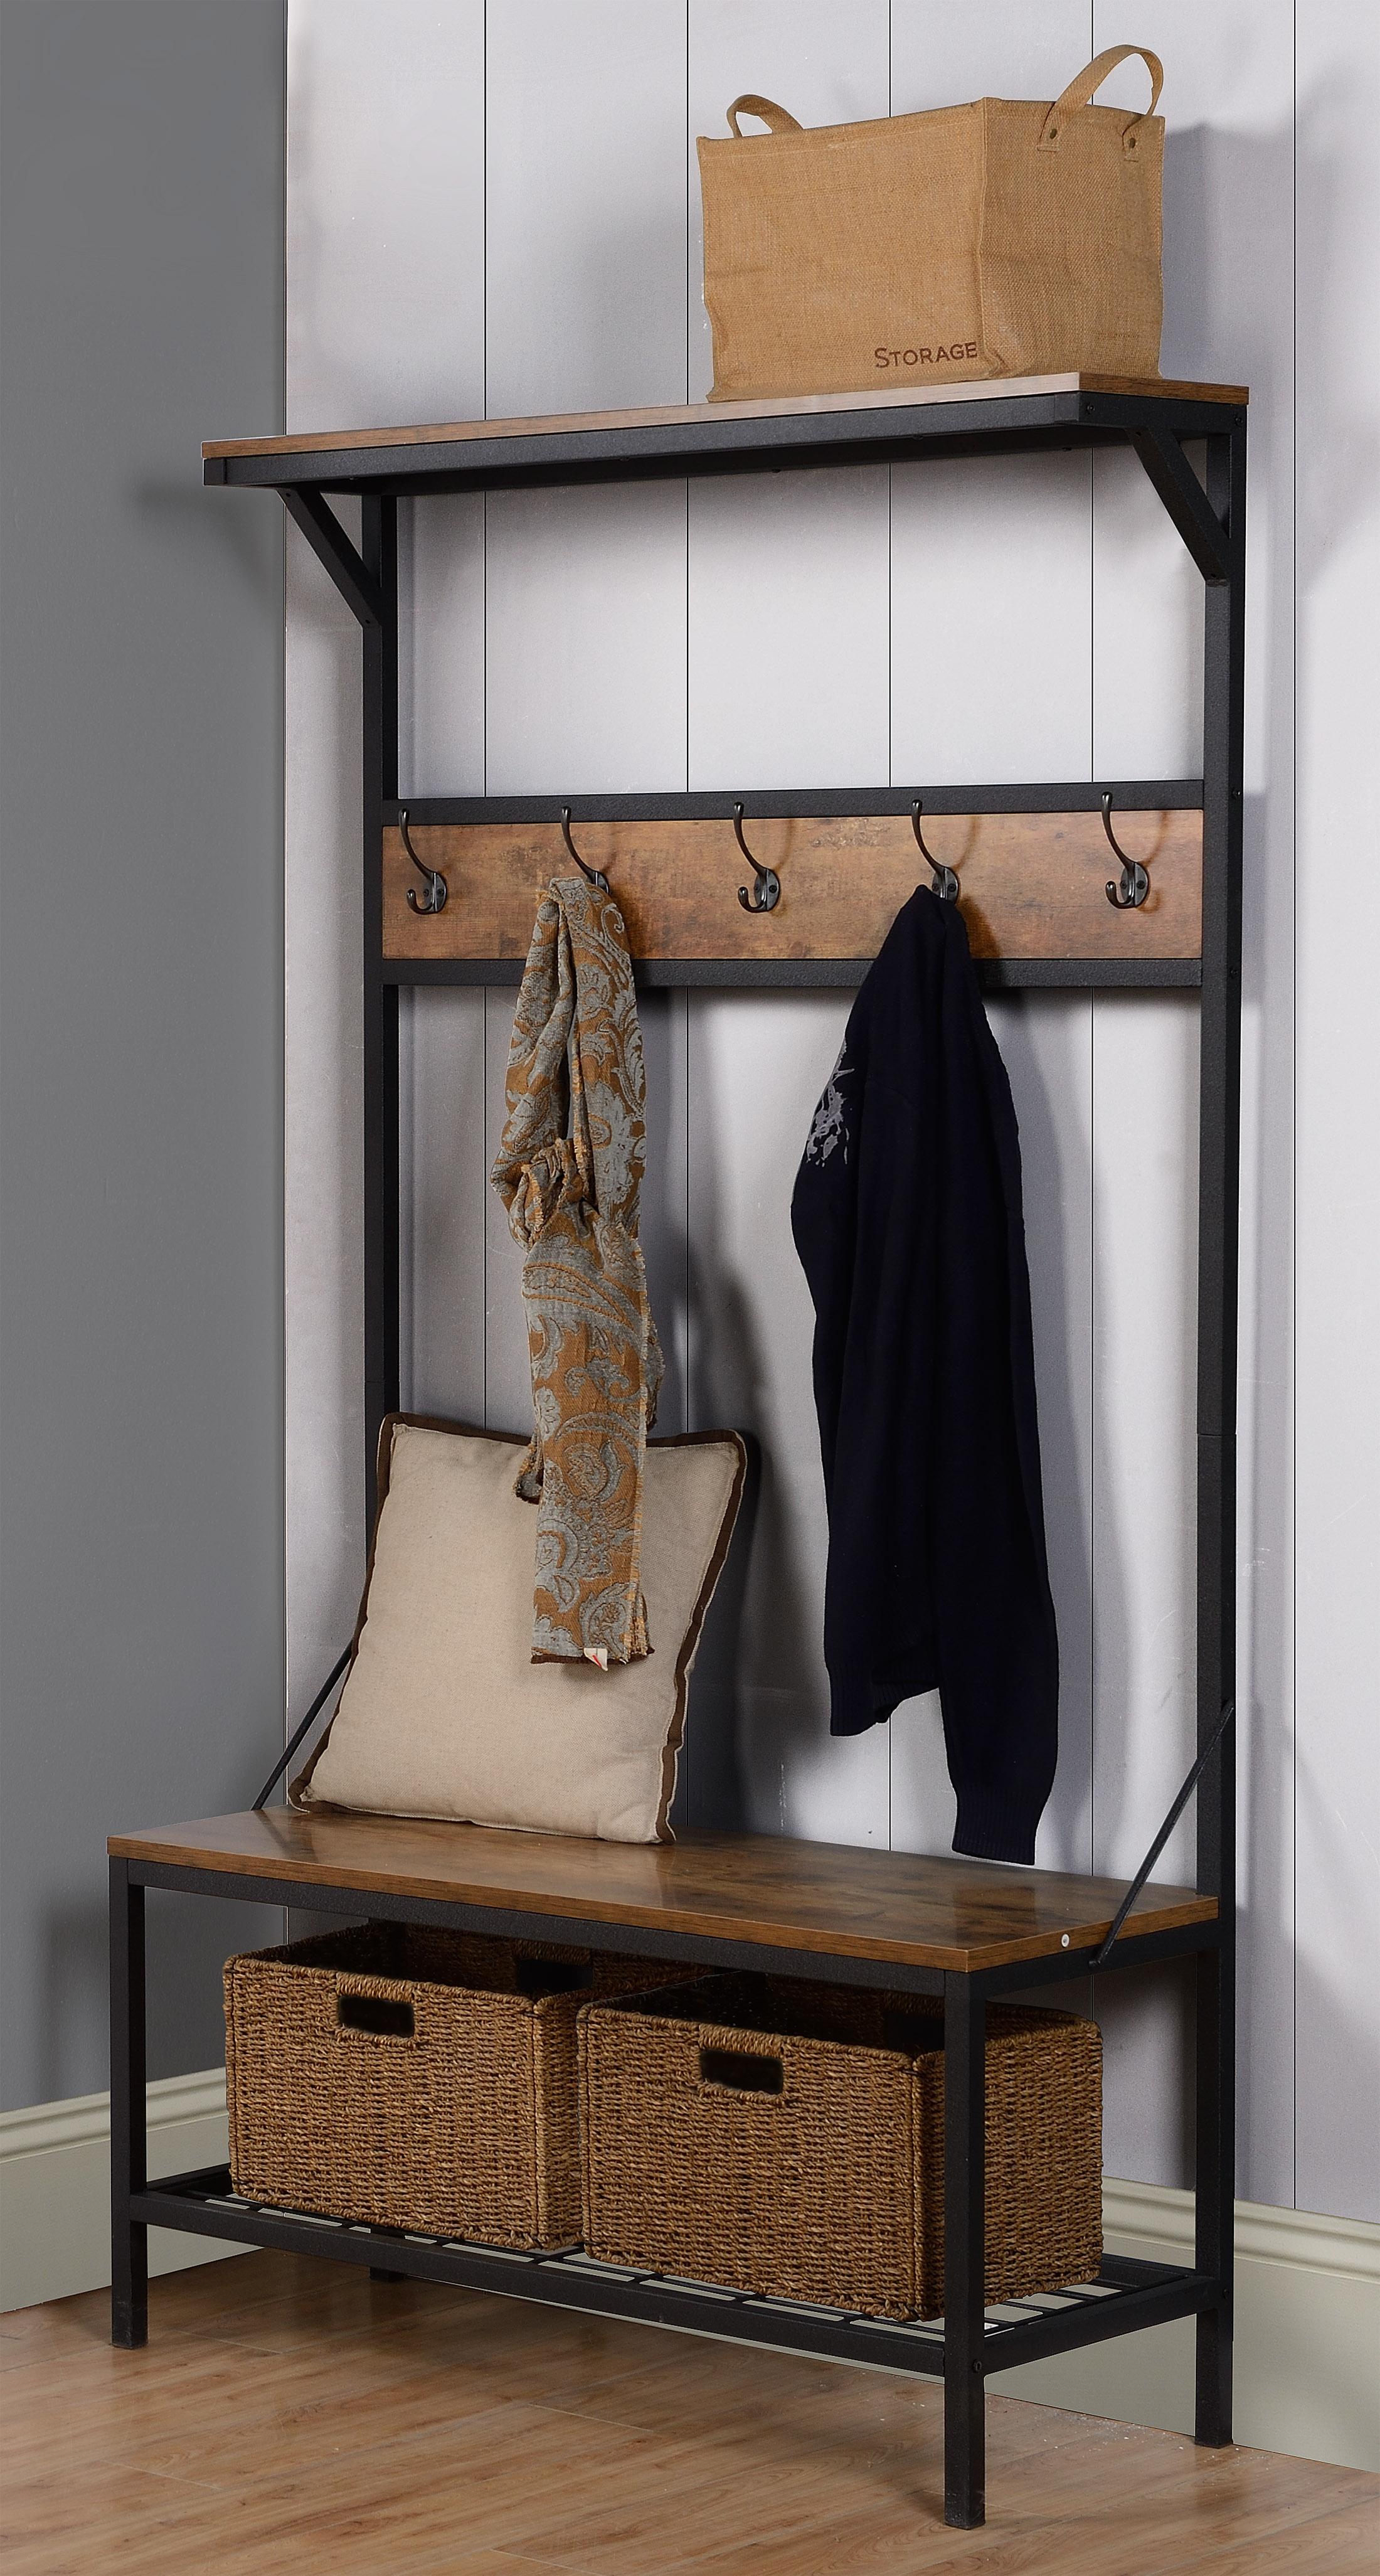 Homestar 3-Shelf 39 in. Wide Hall Tree Bench - [ZH141228]